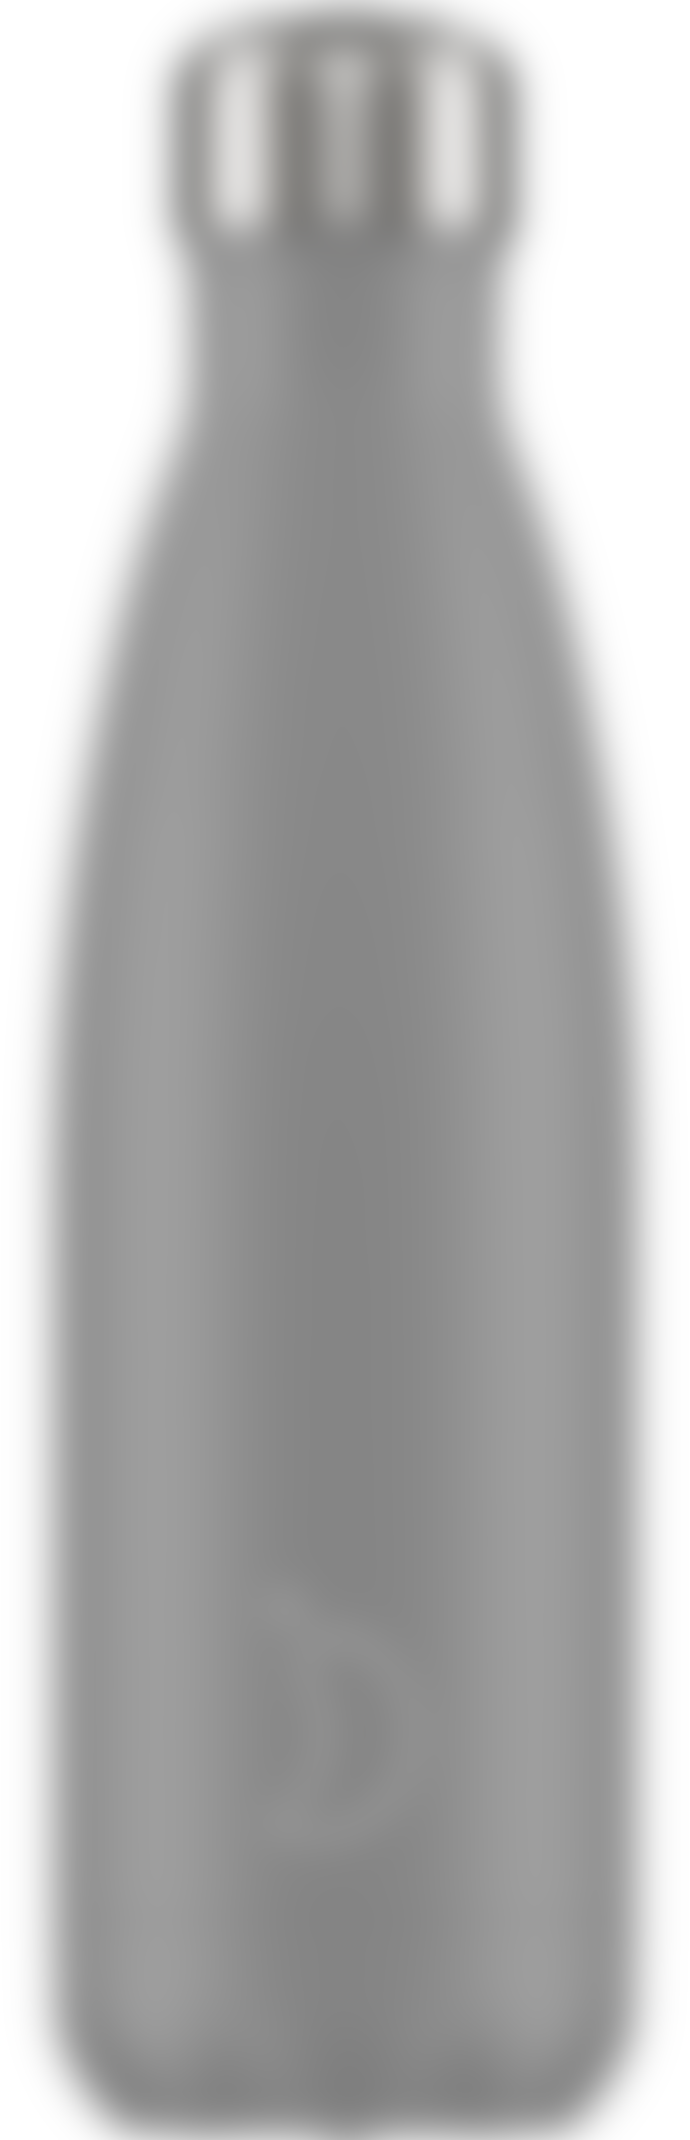 Chilly's Bottles 0.5 l Monochrome Grey Clima Bottle